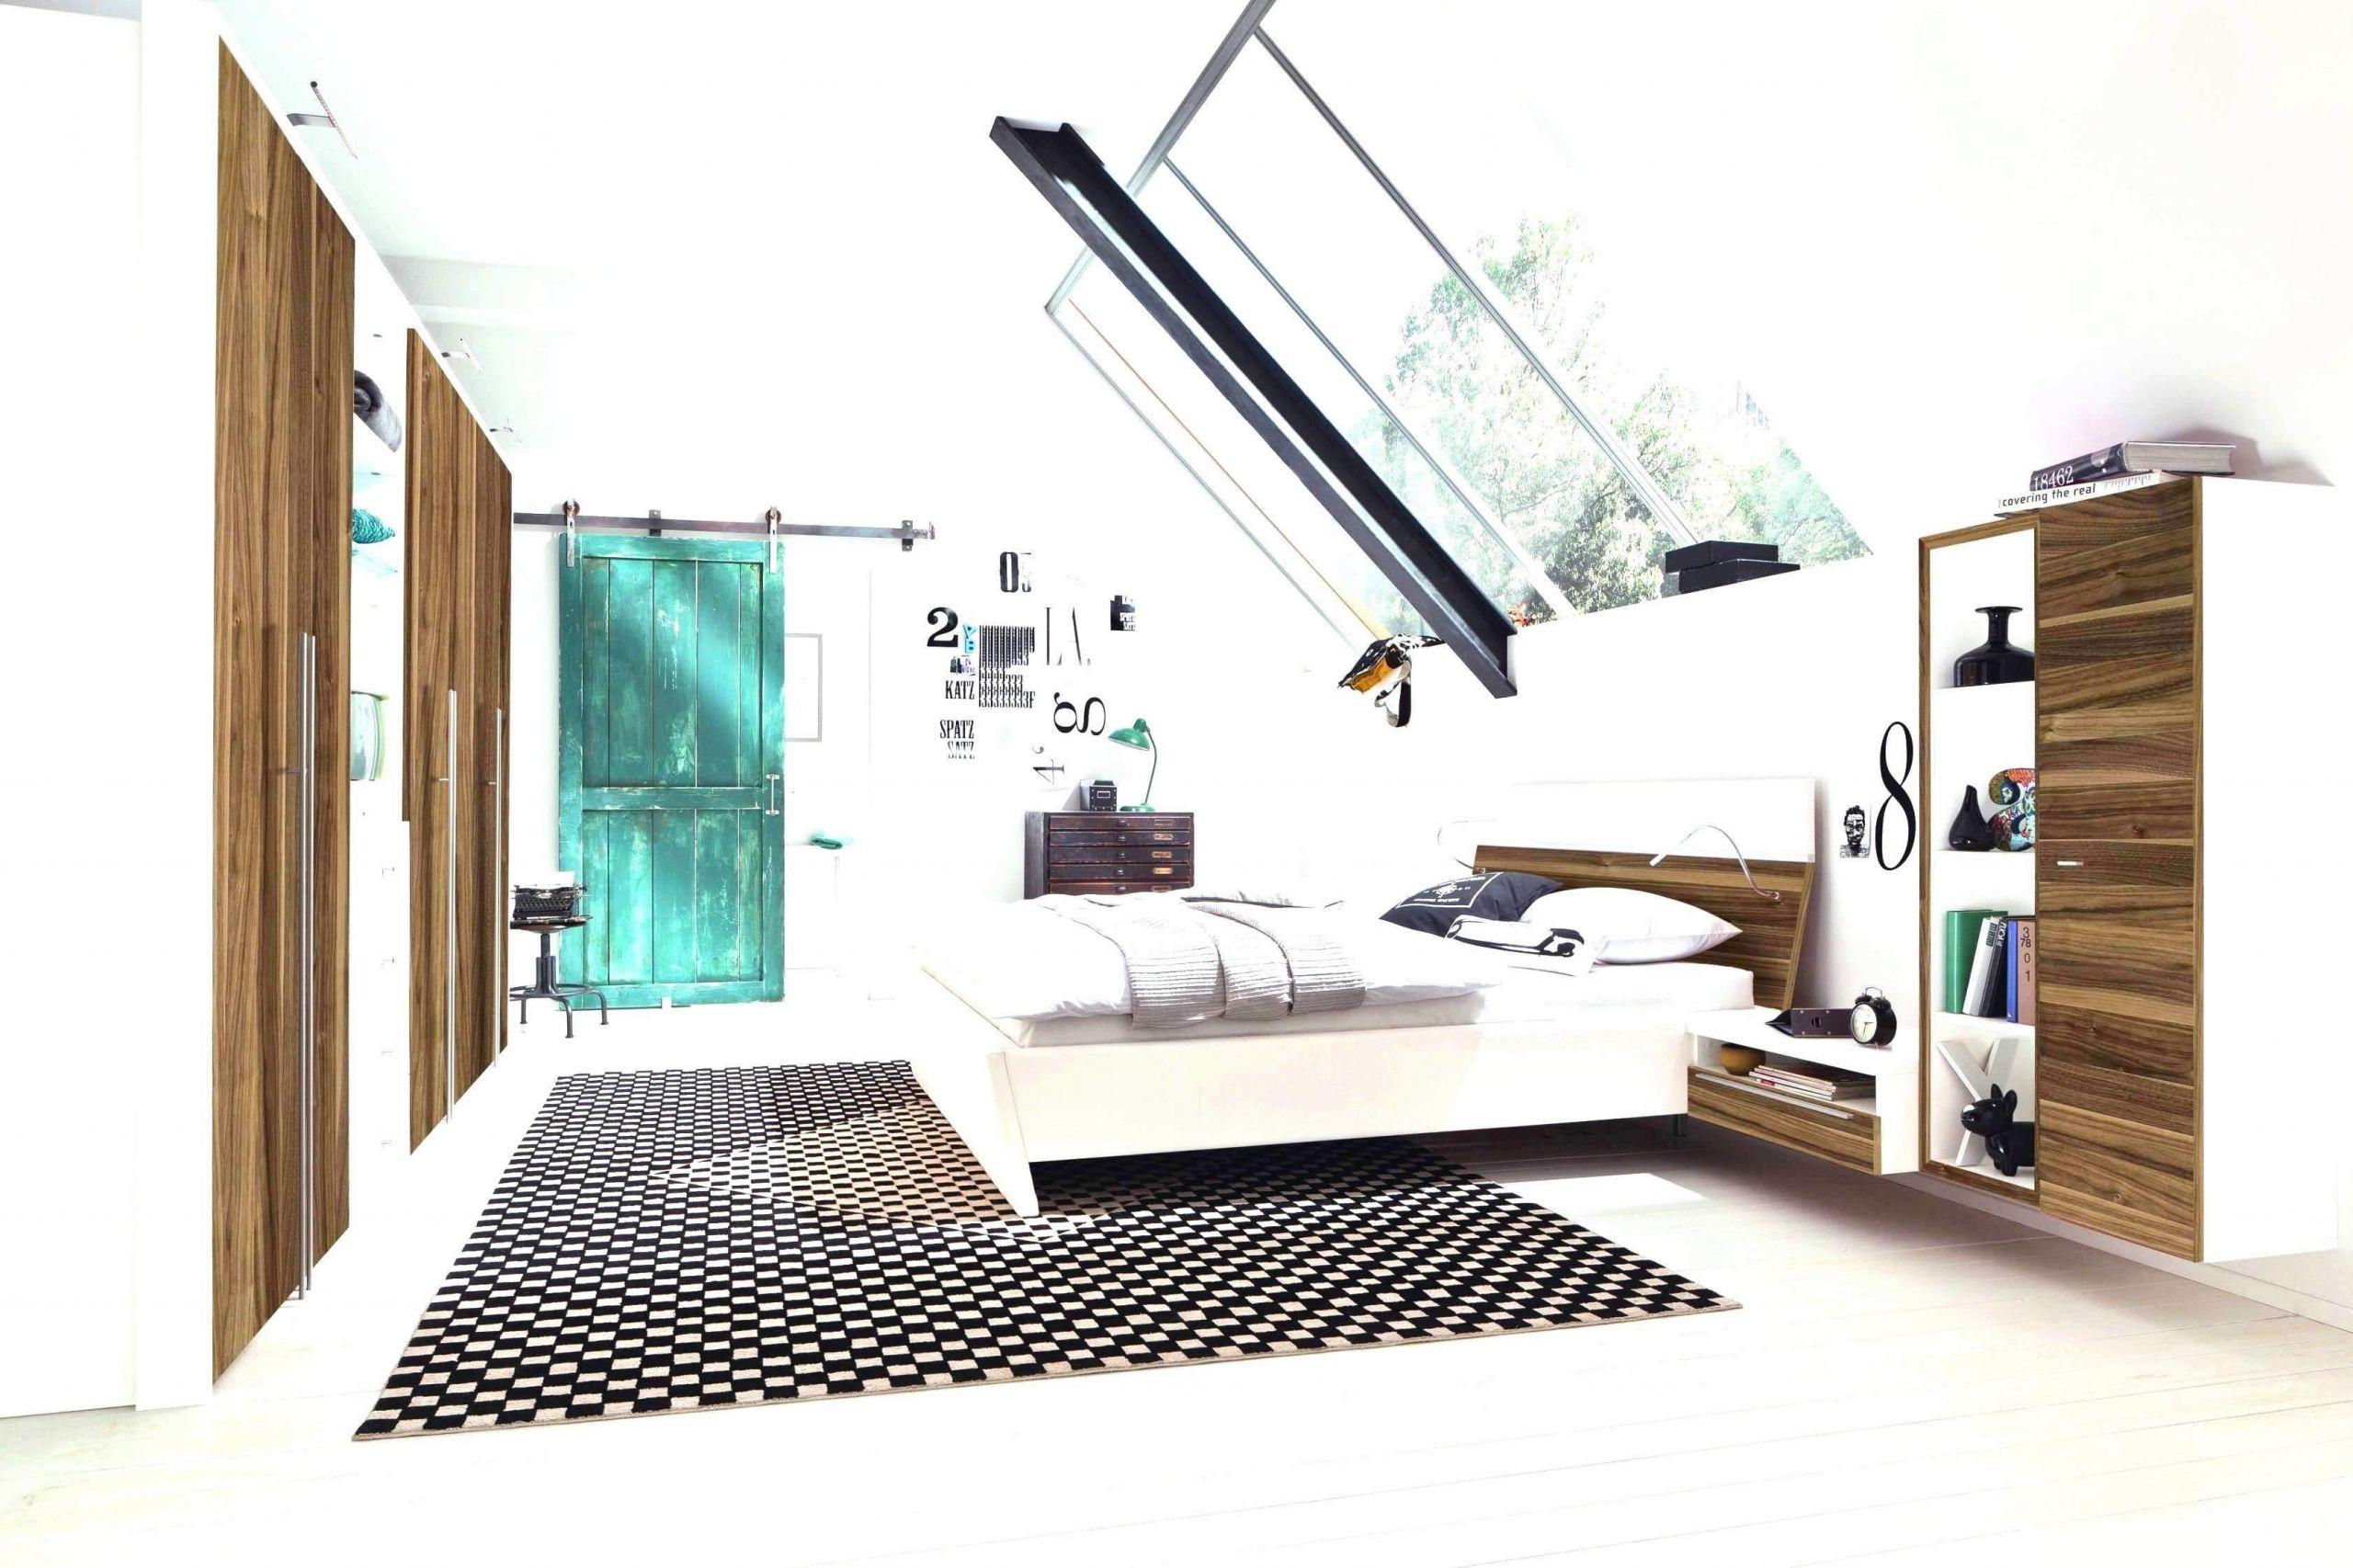 wanddeko ideen wohnzimmer genial 46 tolle von deko ideen wohnzimmer planen of wanddeko ideen wohnzimmer